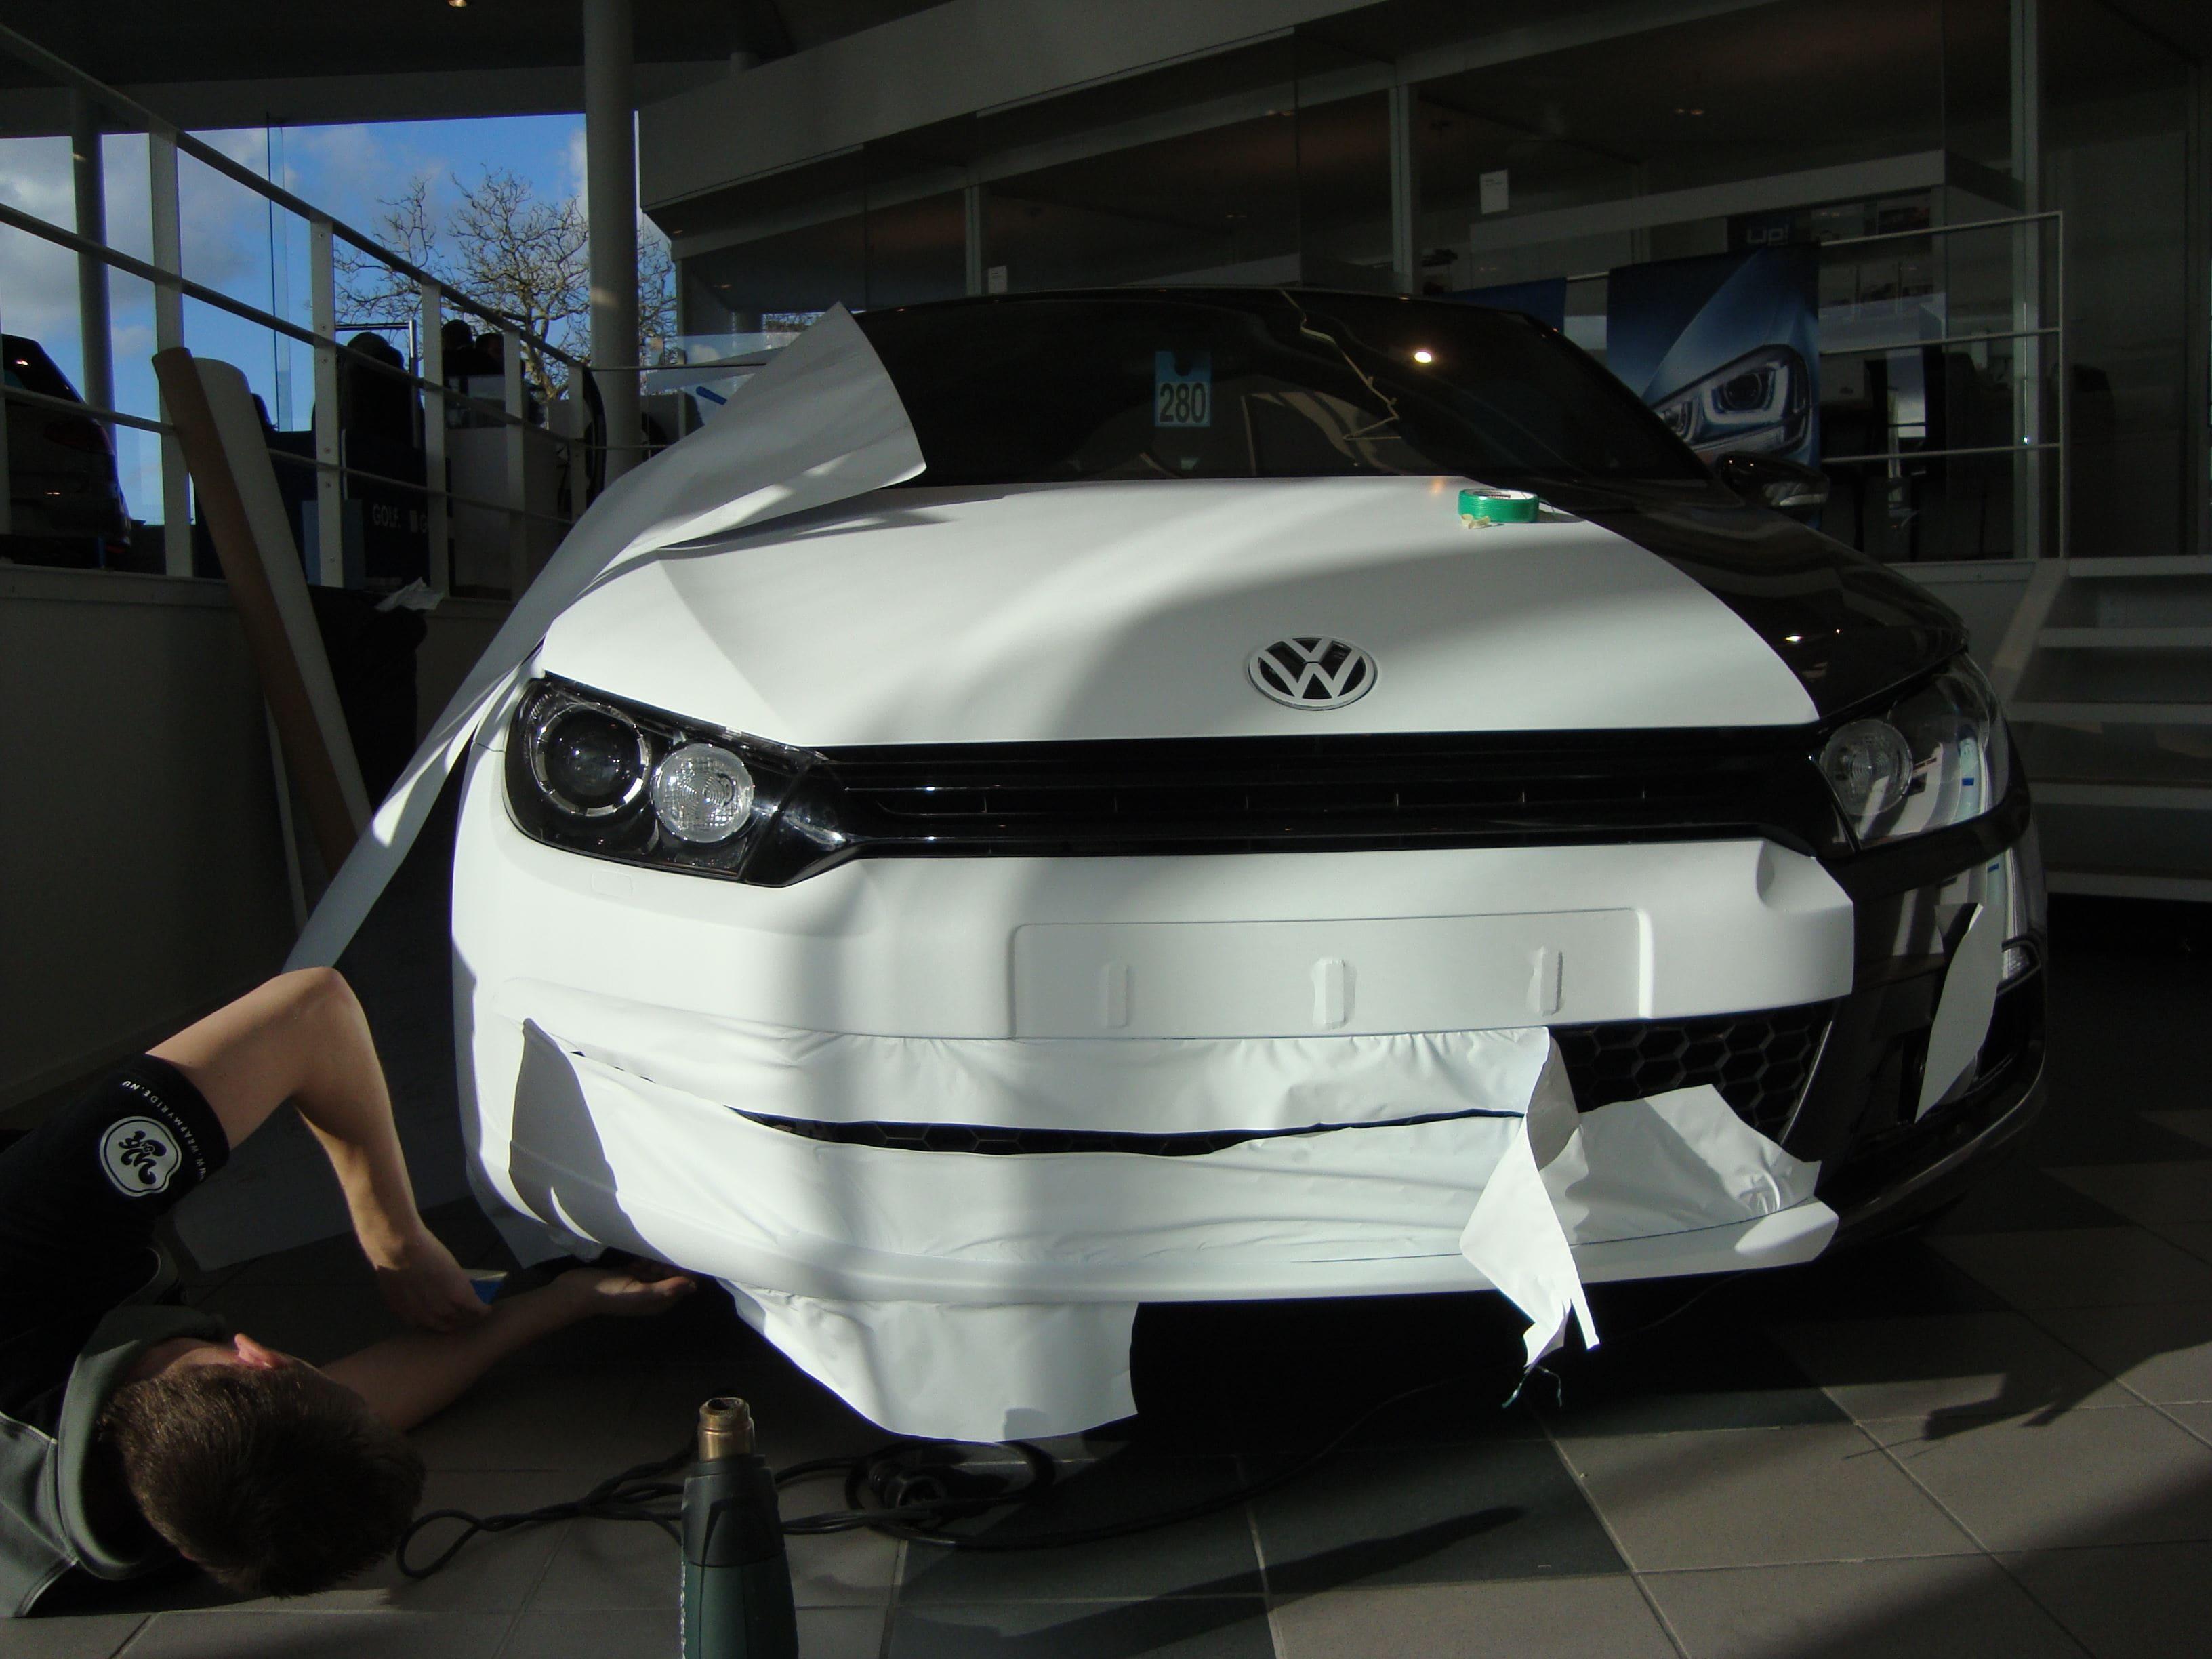 Volkswagen Scirocco met Halve Wrap in Zwart Wit, Carwrapping door Wrapmyride.nu Foto-nr:7040, ©2020